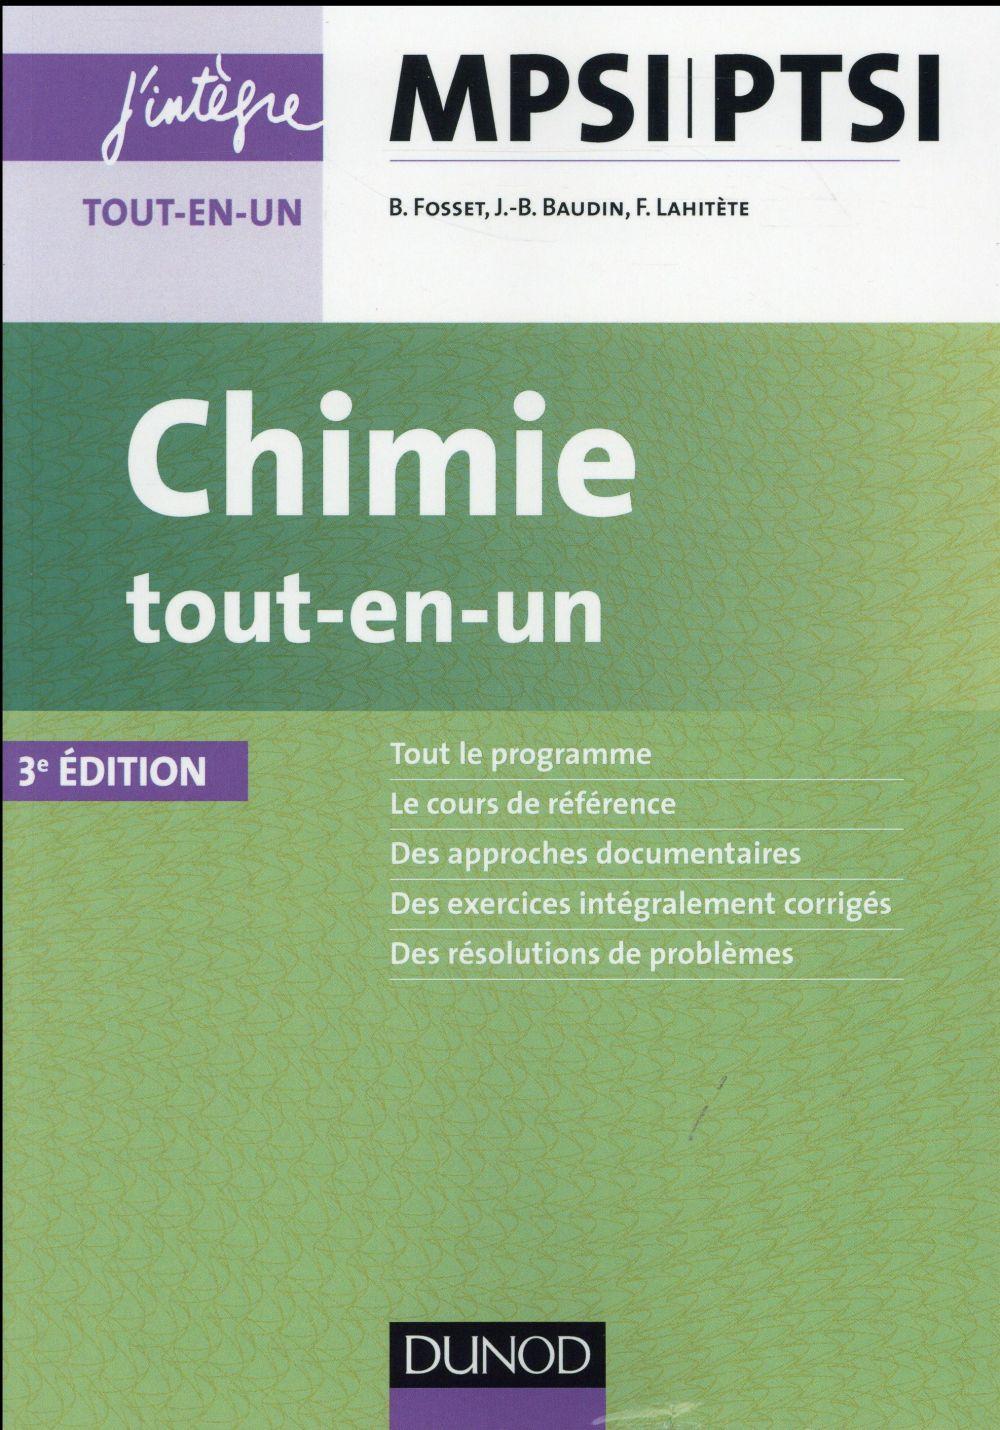 CHIMIE TOUT-EN-UN MPSI-PTSI (3E EDITION)